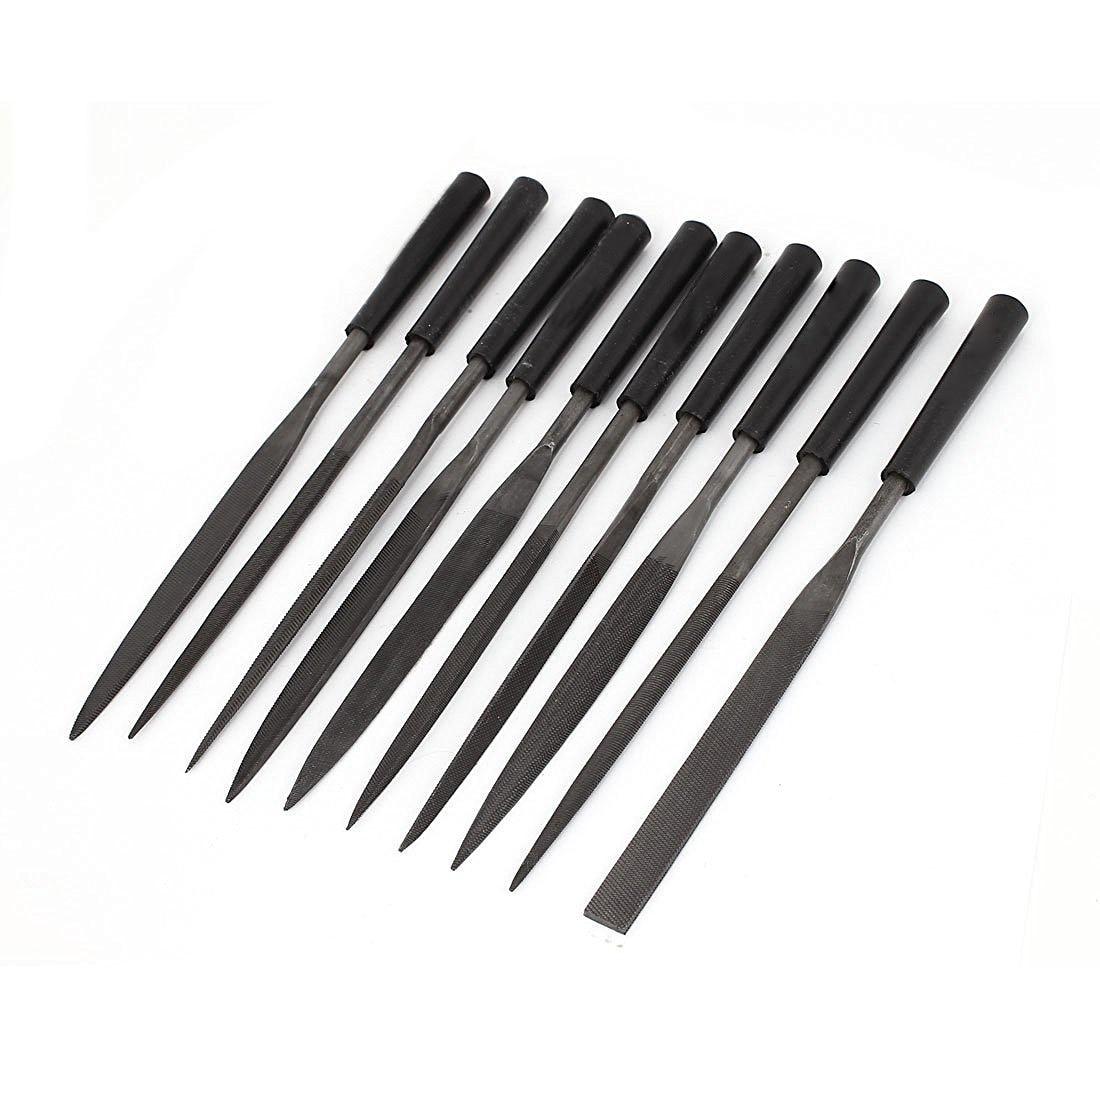 Jfbl Hot 5mm X 180mm Platz Flache Runde Raspel Dateien Werkzeug-set 10 Stücke Dauerhafte Modellierung Handwerkzeuge